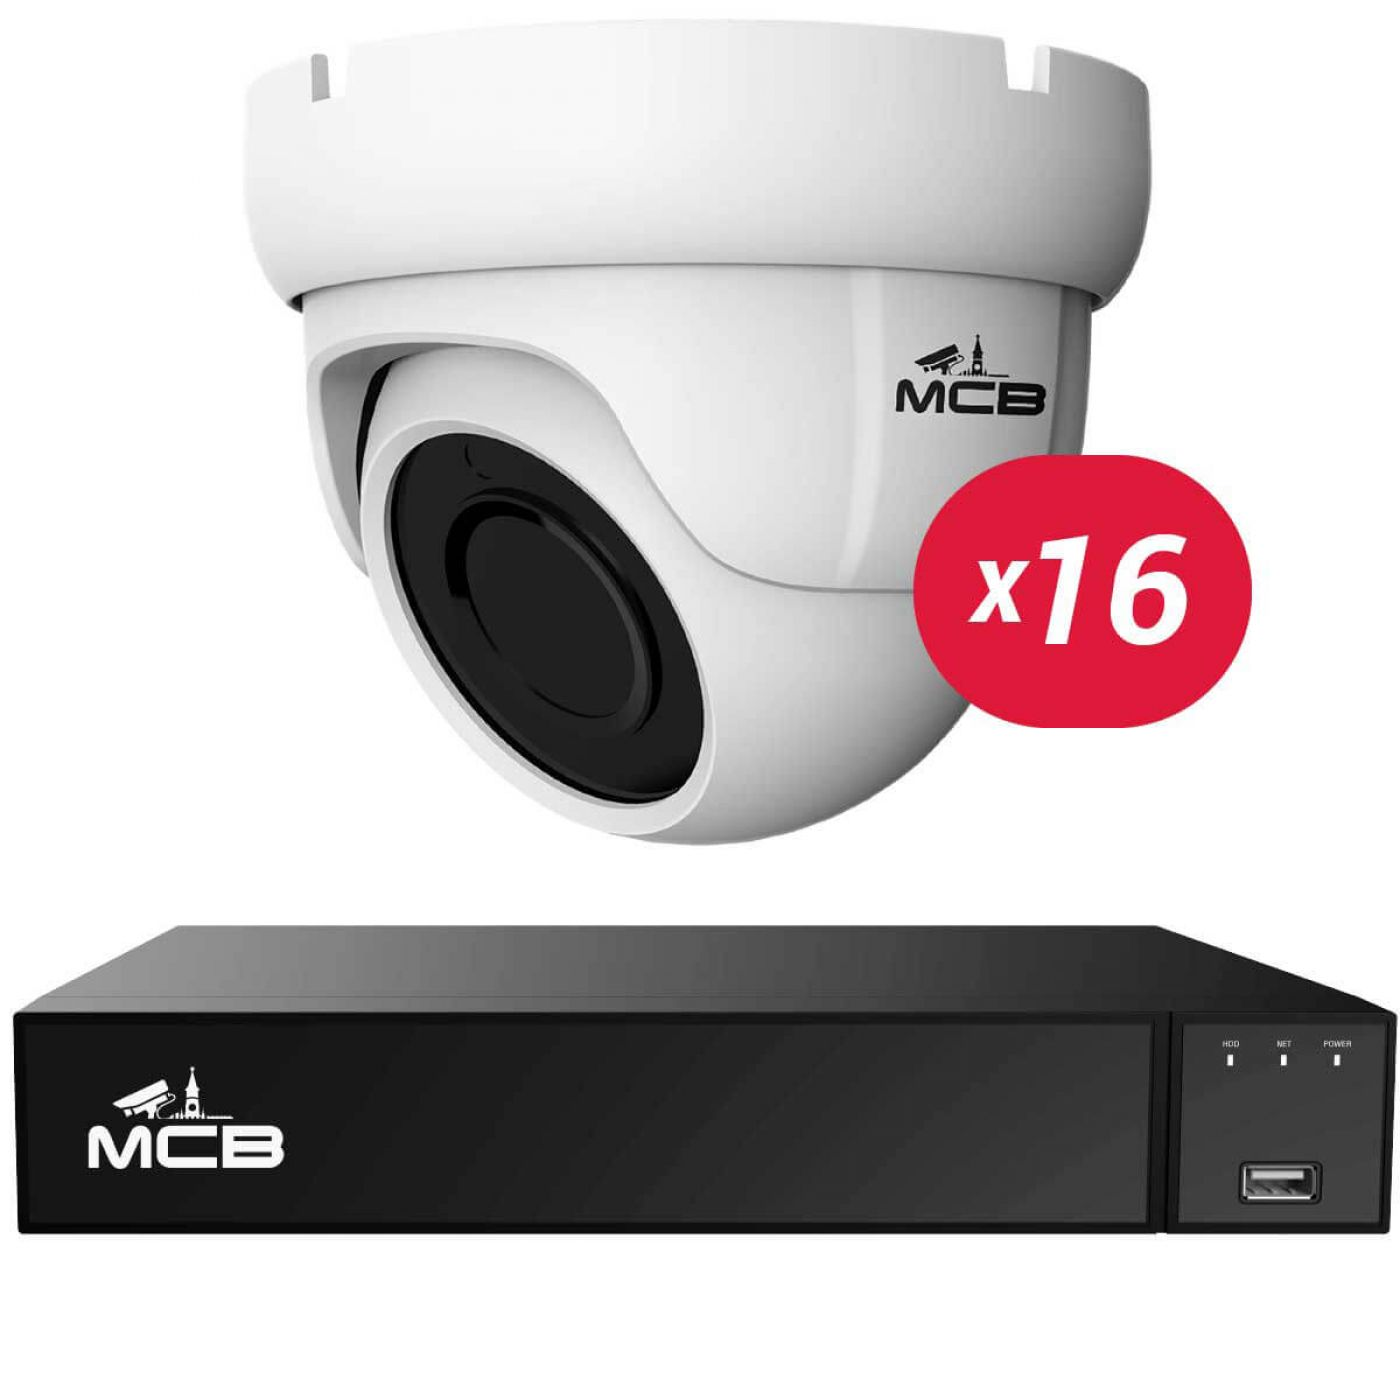 Комплект видеонаблюдения для помещения на 16 камер 5 Мегапикселей